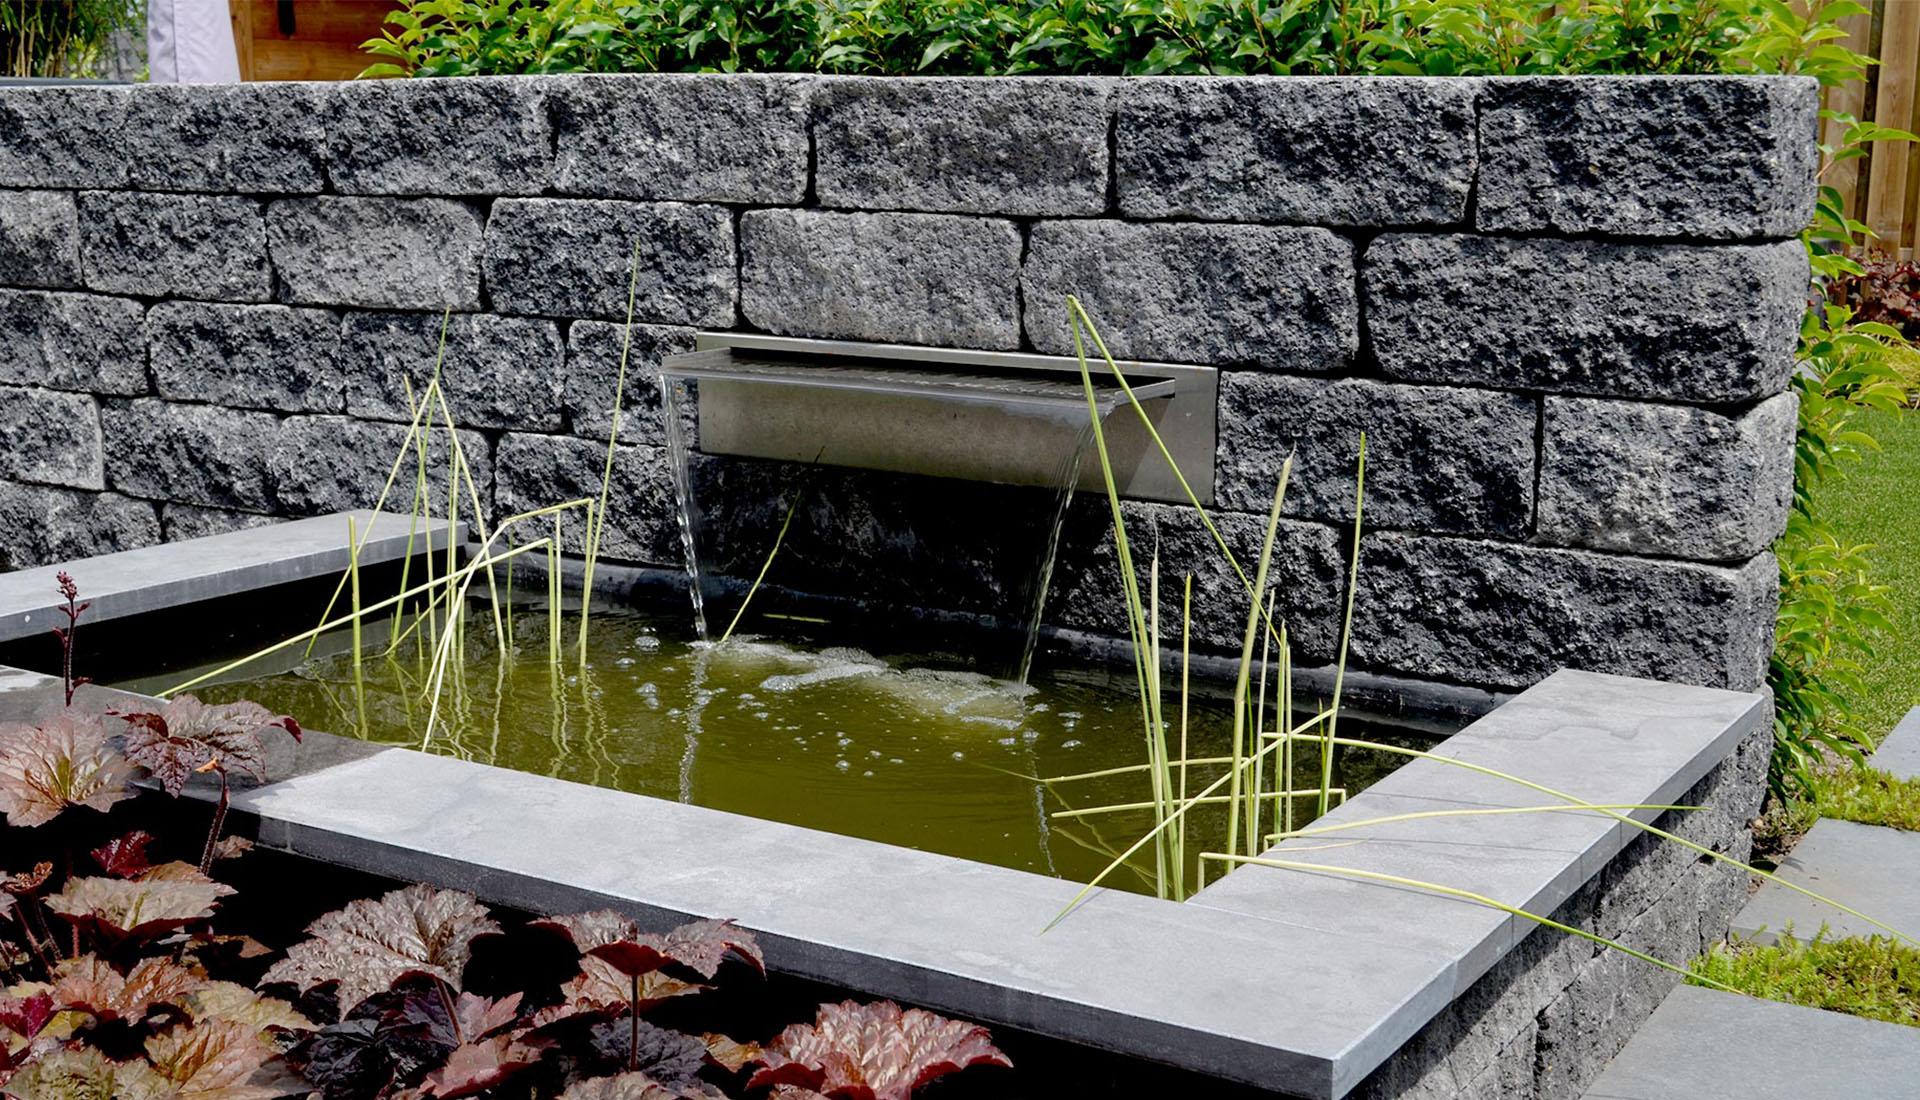 De groot hoveniers nieuws water in de tuin